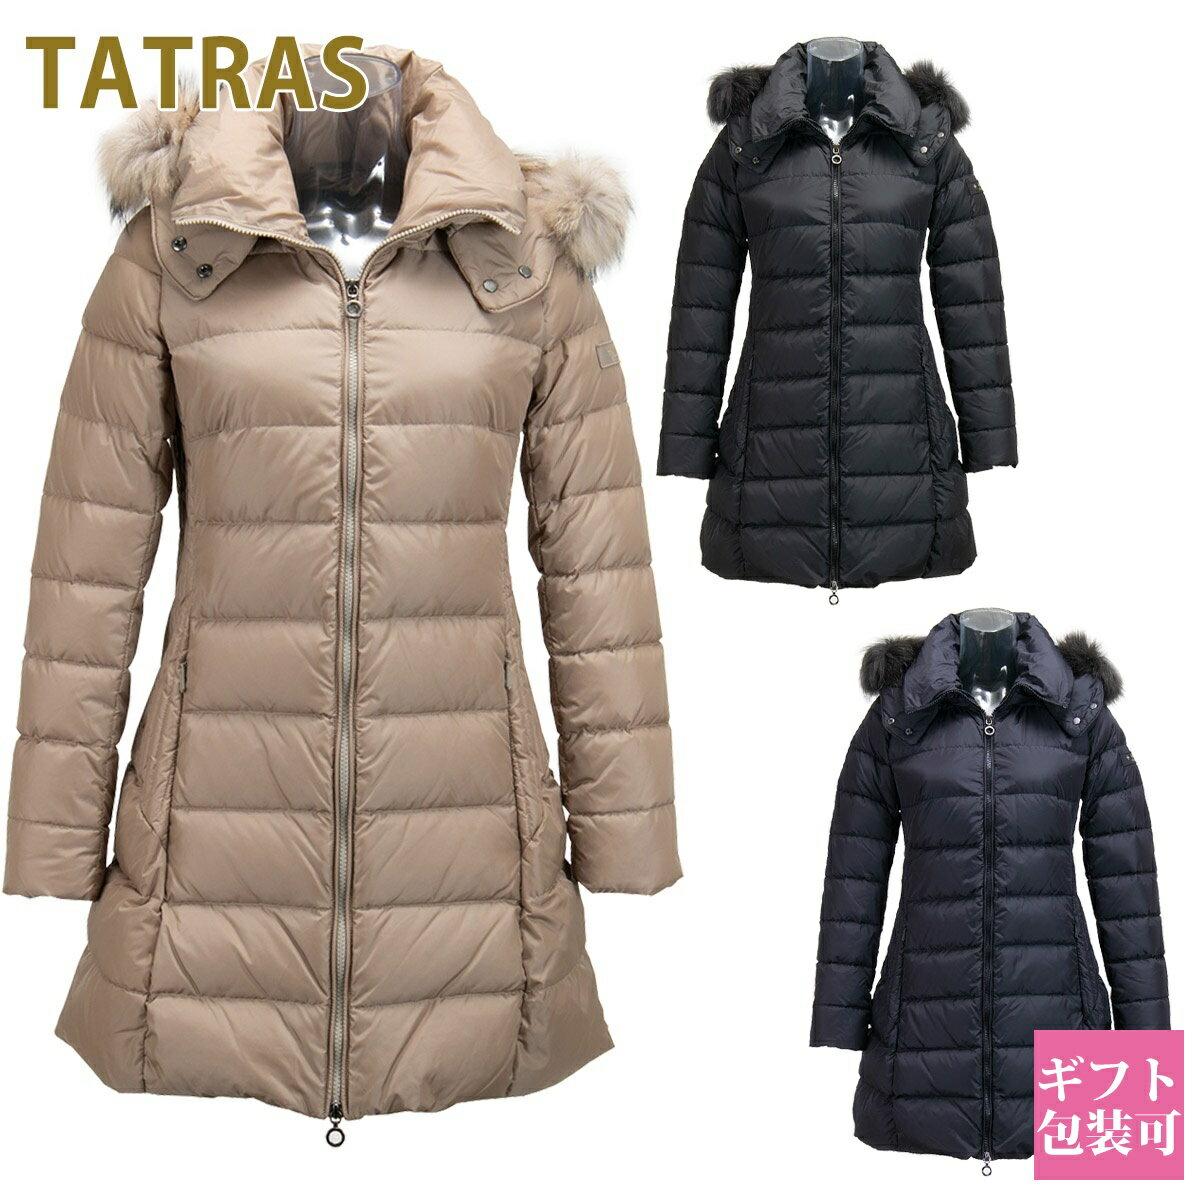 レディースファッション, コート・ジャケット  SARMA LTAT20A4794-D 2020 2021 tatras